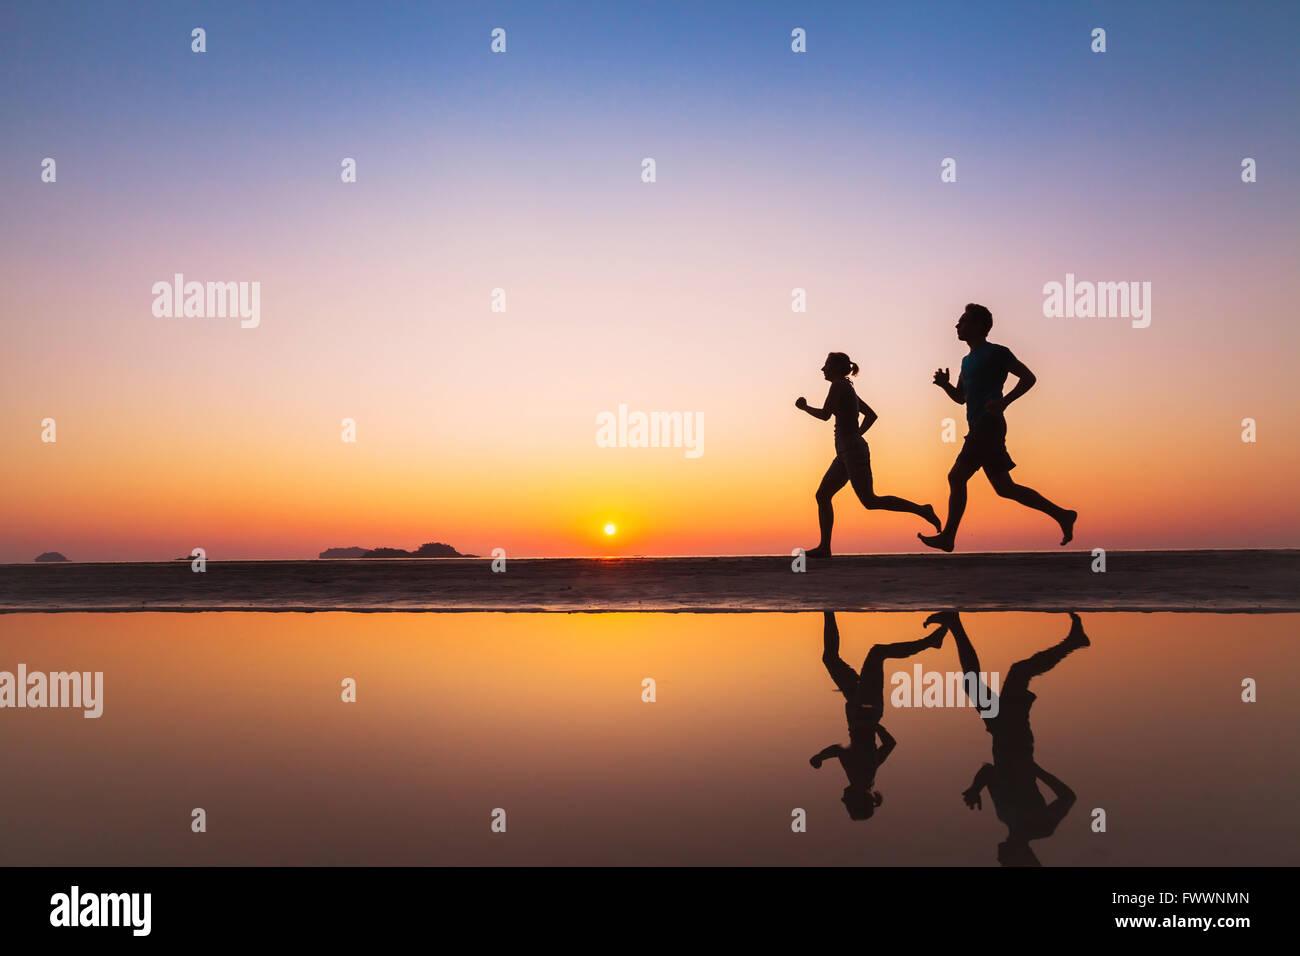 Training, Silhouetten von zwei Läufern am Strand bei Sonnenuntergang, Sport und gesunde Lebensweise Hintergrund Stockbild